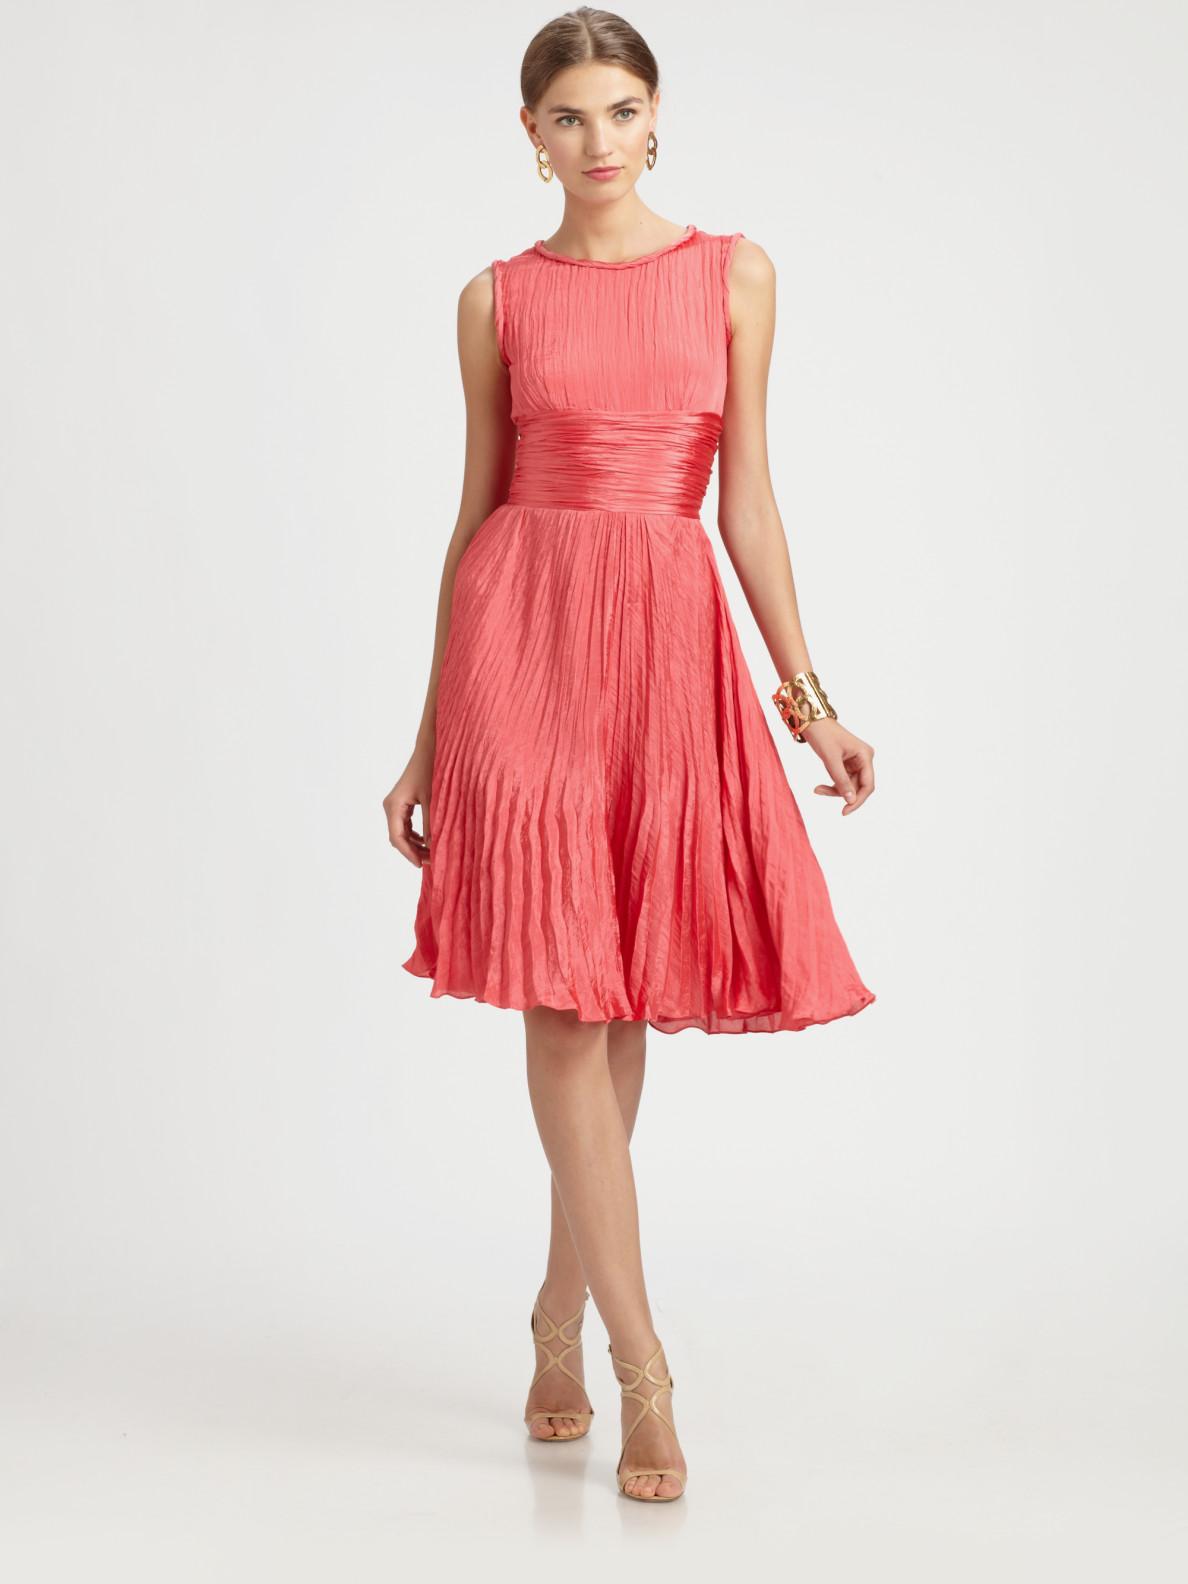 Oscar De La Renta Pleated Dress In Red Lyst